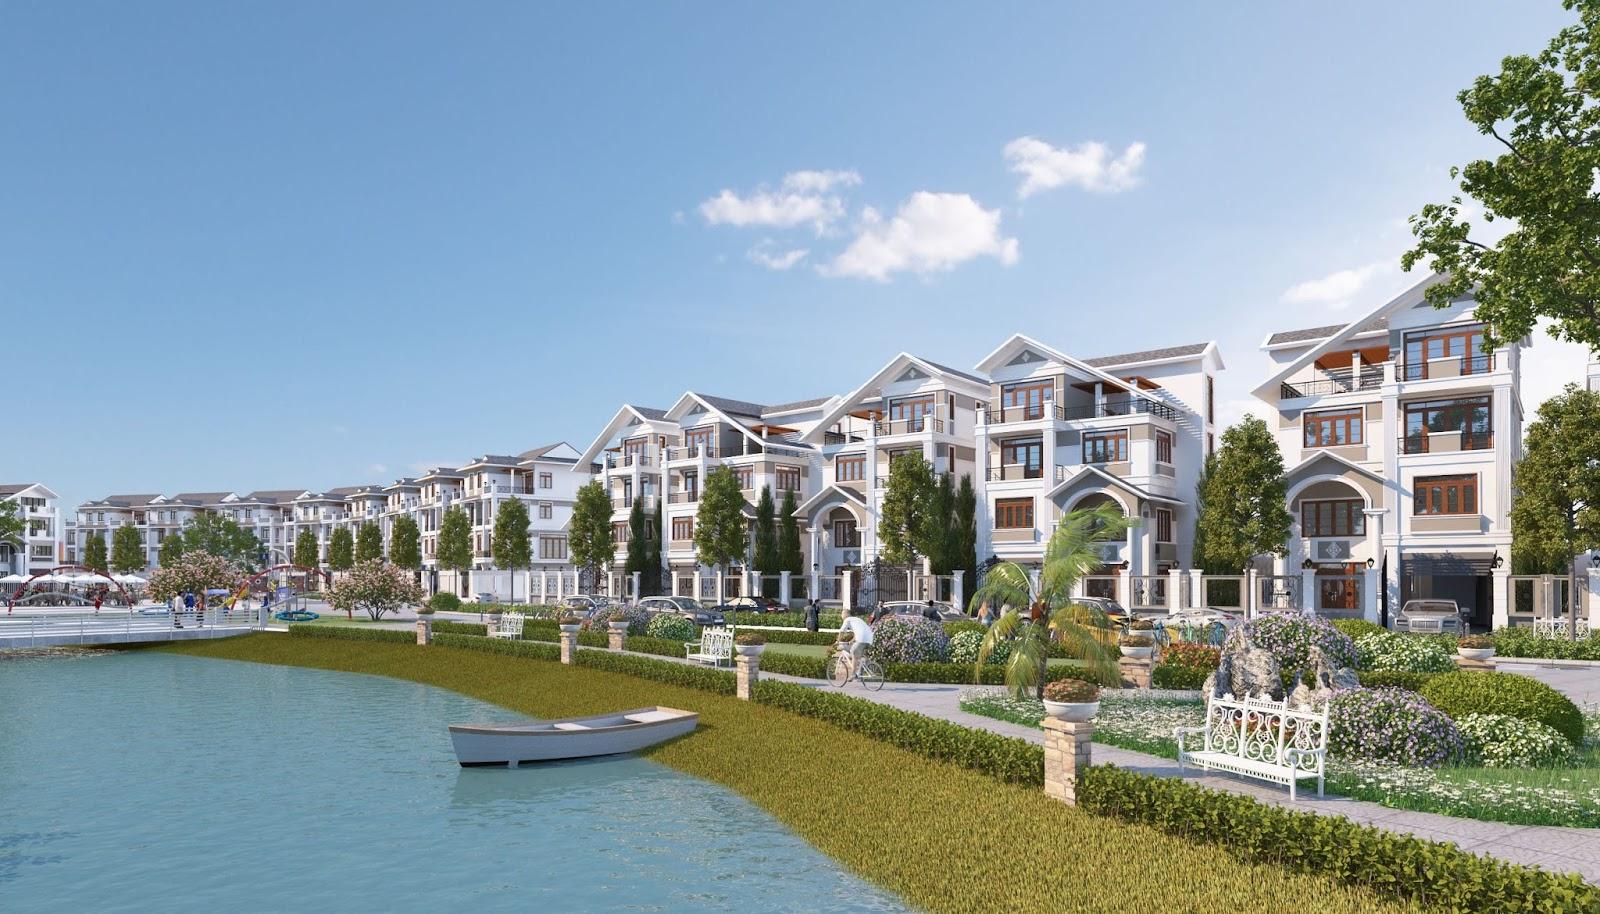 Biệt thự đơn lập dự án Bách Việt Lake Garden Bắc Giang